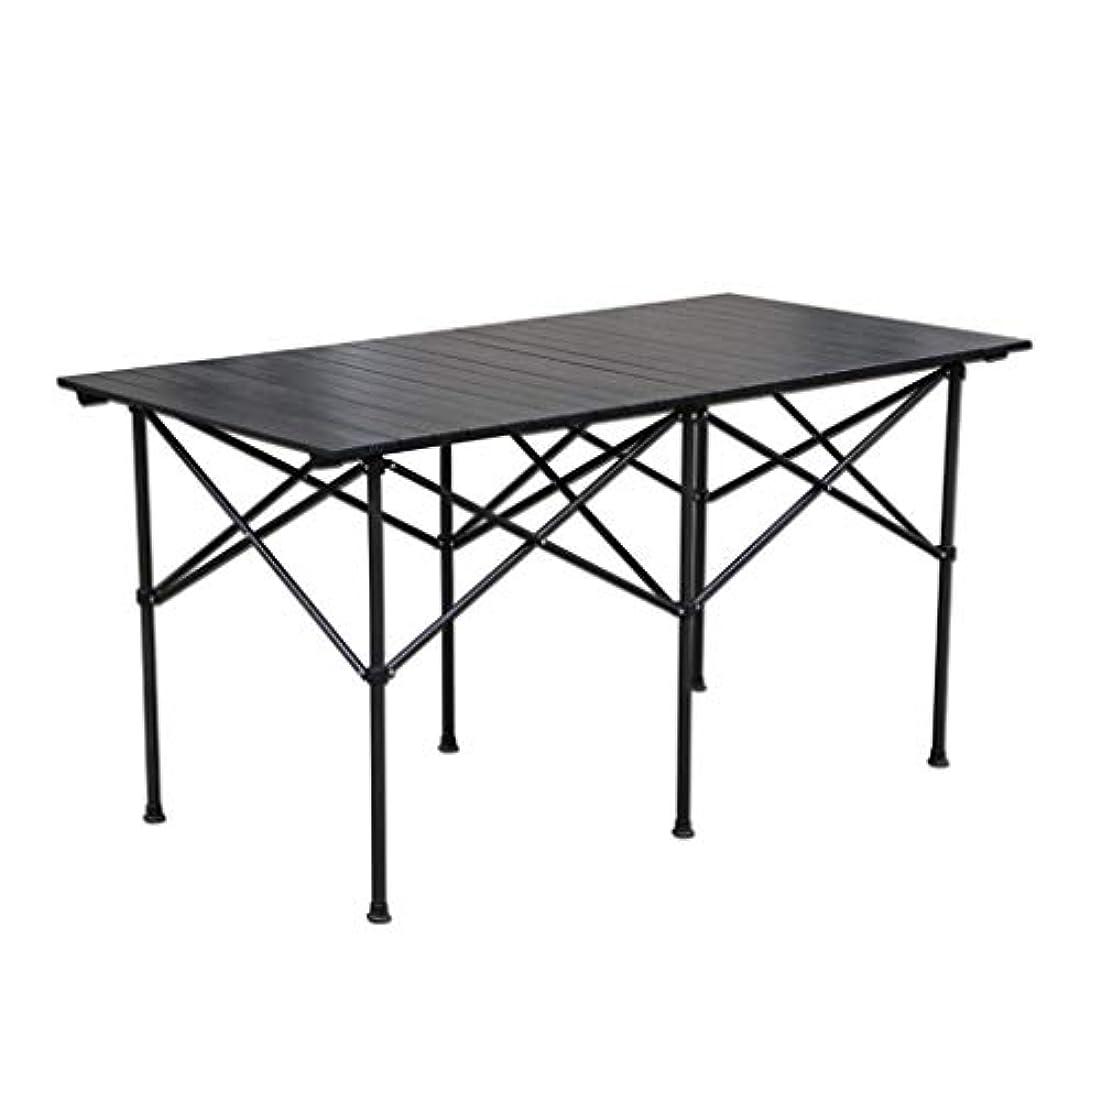 騒乱受賞交換可能テーブル?チェアセット 折りたたみテーブルアルミテーブルトップ模造大理石パターン折りたたみテーブル1.4メートル長方形屋外テーブルピクニックキャンプディナーパーティーテーブル (Color : Black, Size : 140*70*70cm)